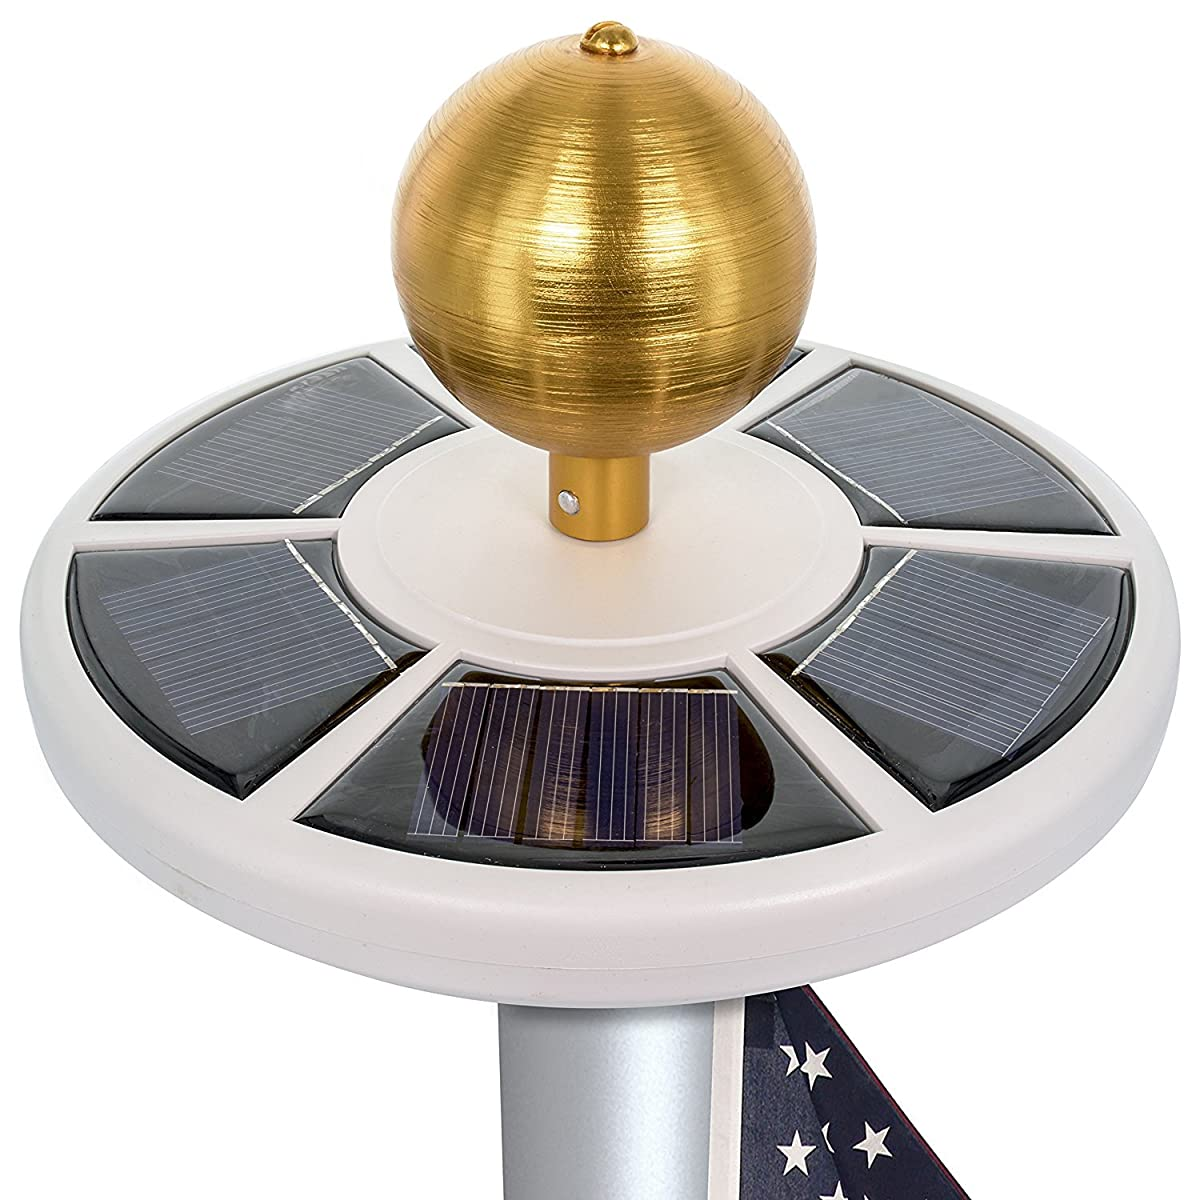 Maggift Solar Flag Pole Light 26 LED, Solar Flagpoles Night Light for 15-25 Ft Flag pole